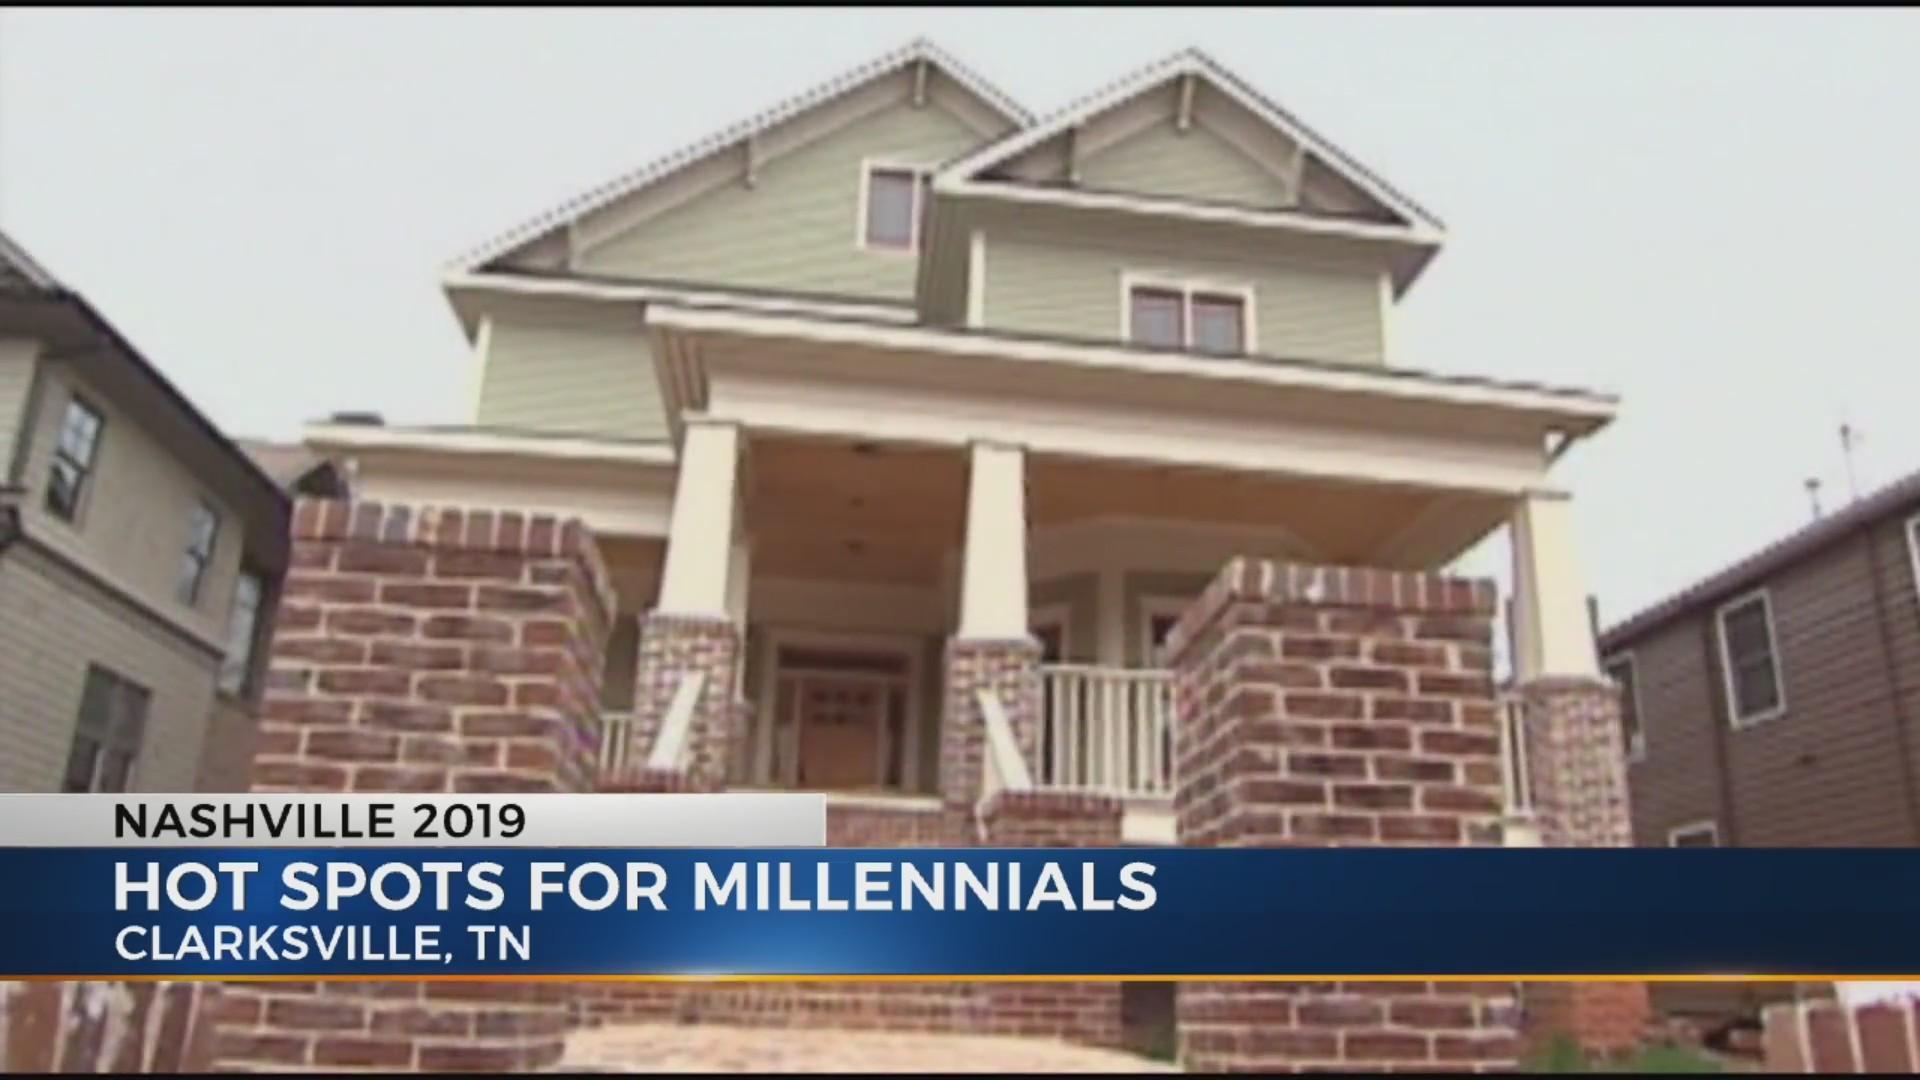 Clarksville_is_hot_spot_for_millennials_0_20190326234102